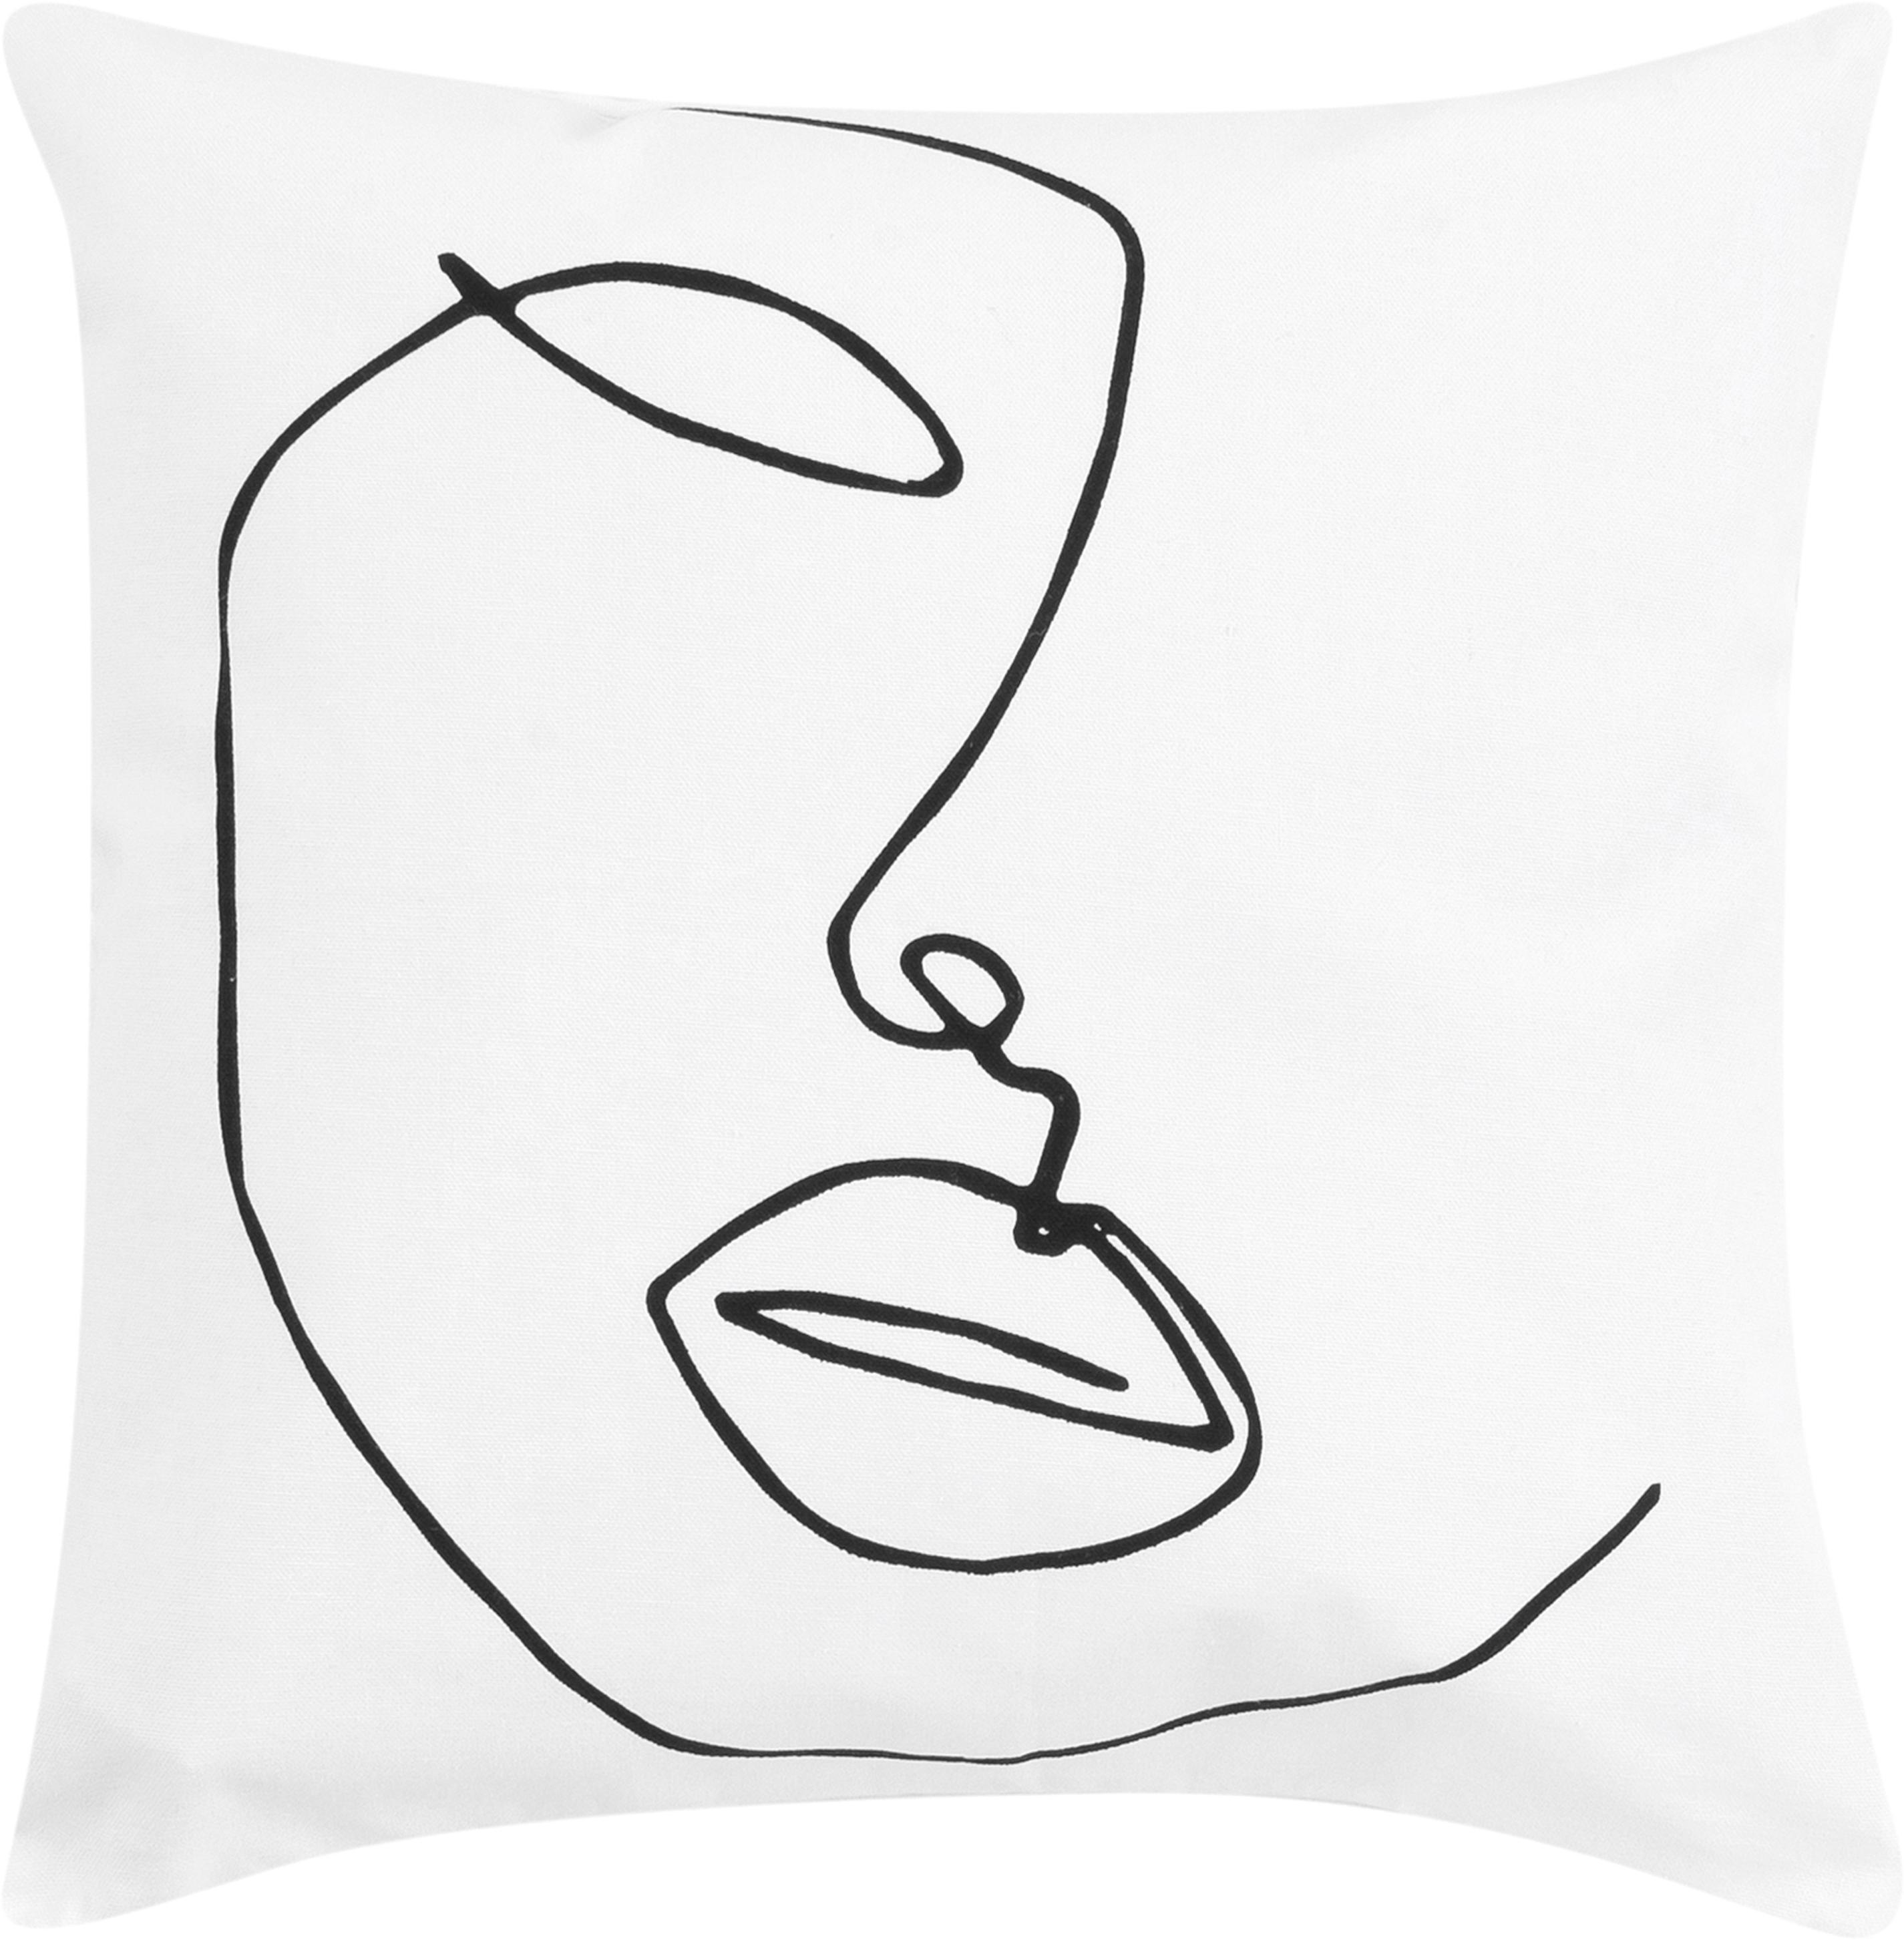 Kissenhülle Ariana mit abstrakter One Line Zeichnung, Webart: Panama, Weiß, Schwarz, 40 x 40 cm